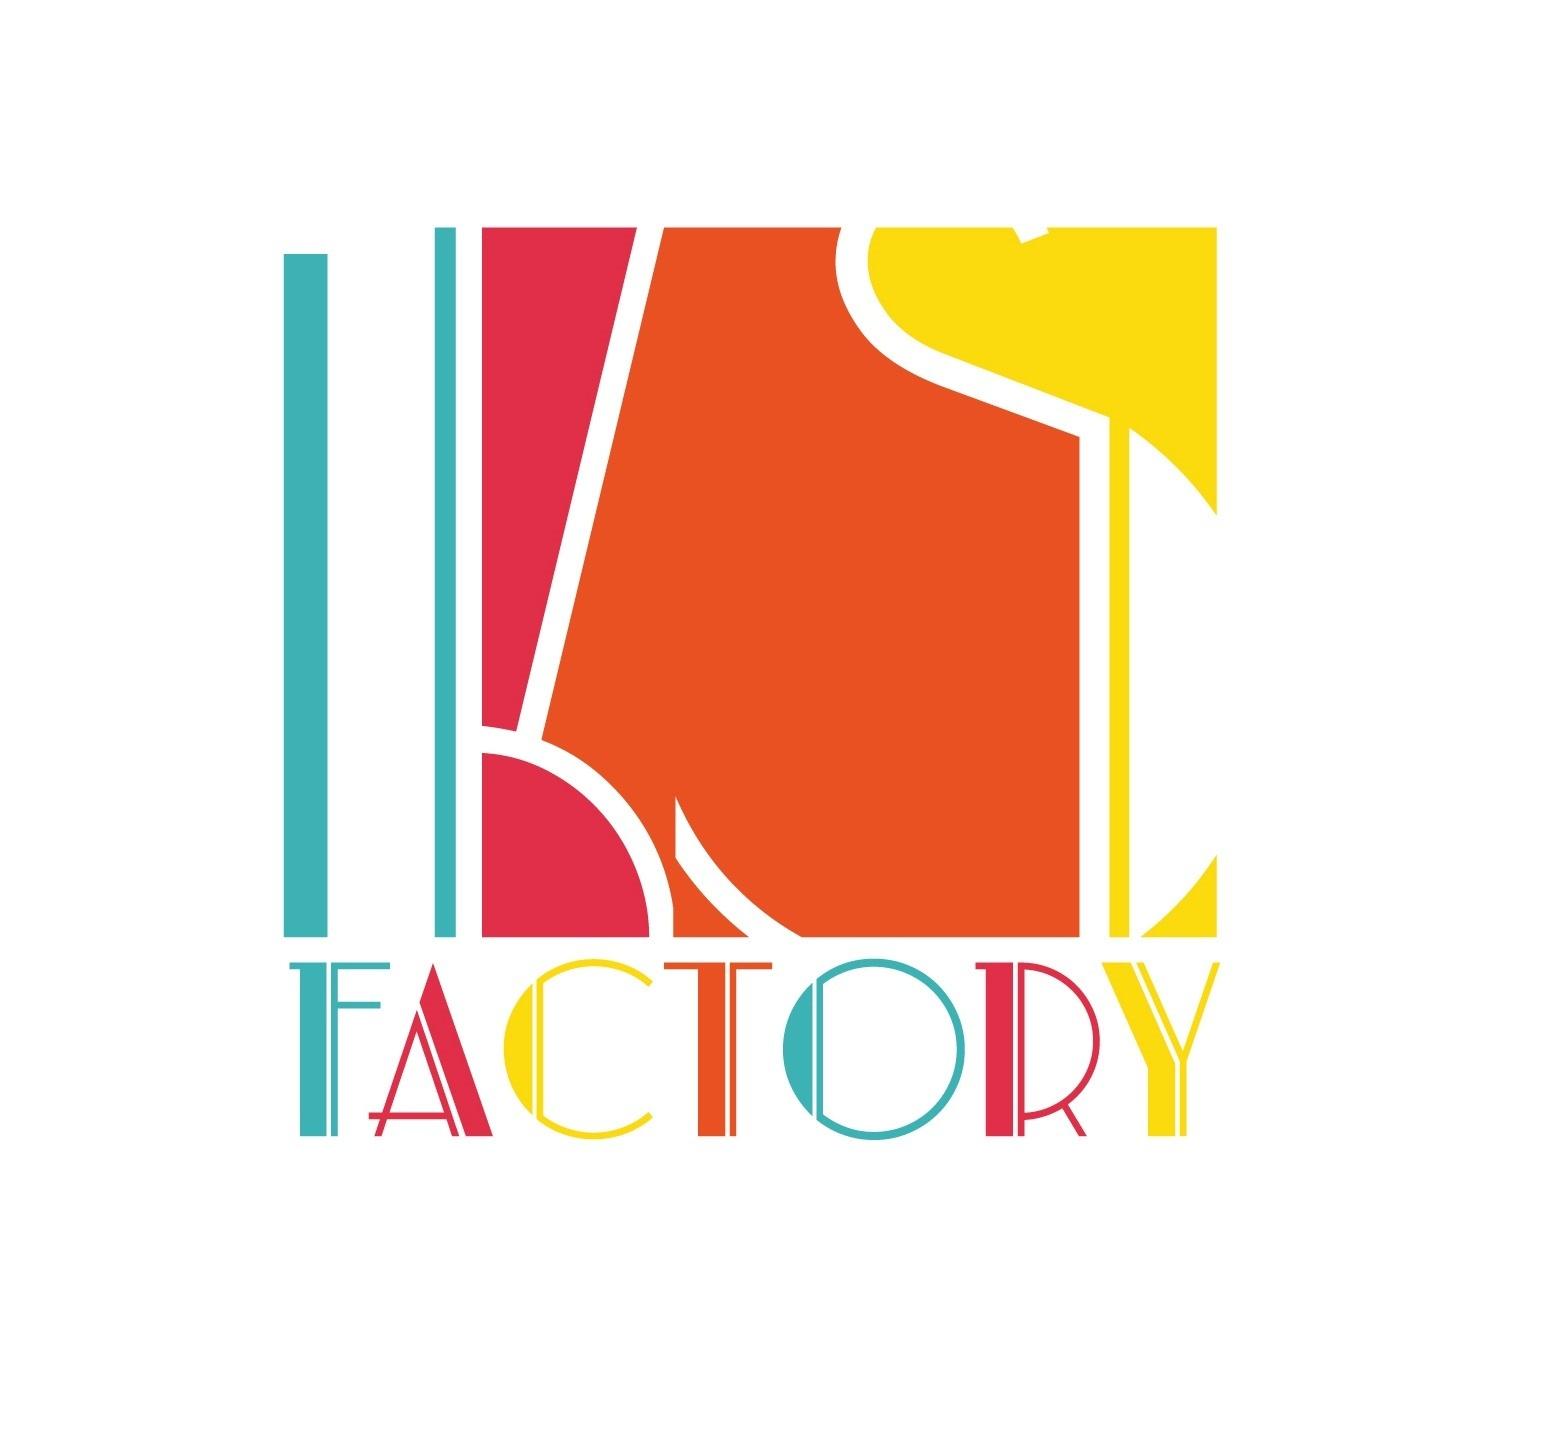 FactoryByKs CEFIC Türkiye ile anlaştı